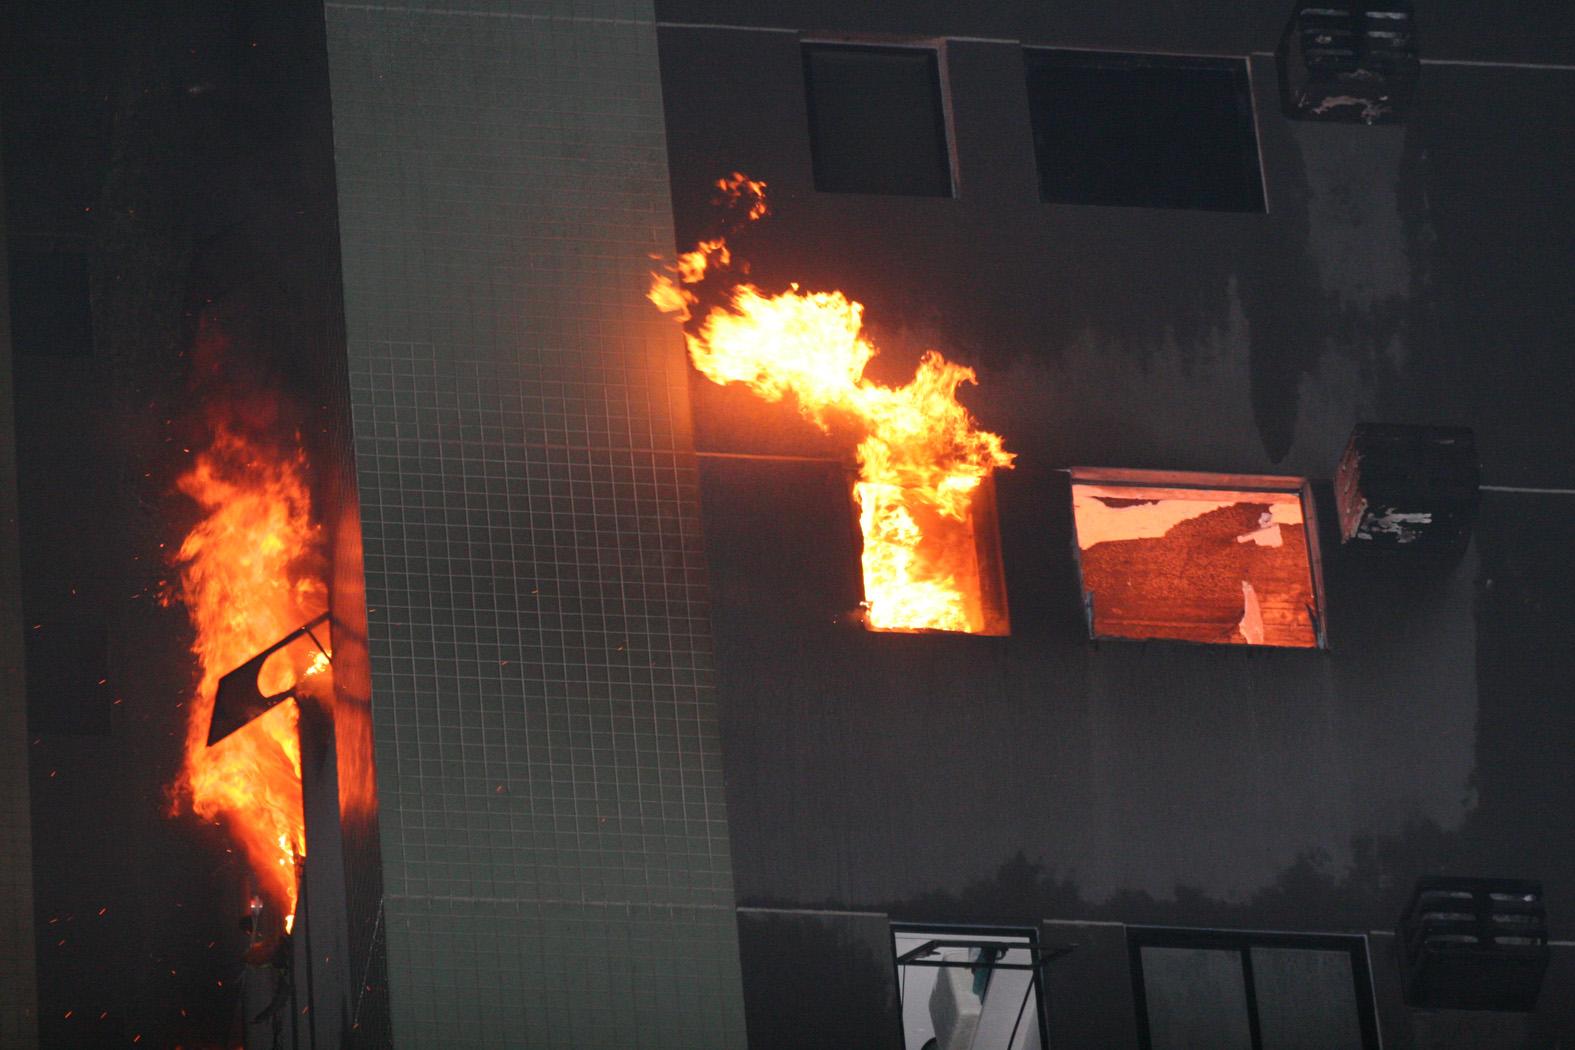 Fogo começou à tarde no apartamento 1010, que ficou inteiramente destruído. Na hora do incêndio, o local estava vazio. Não houve vítimas